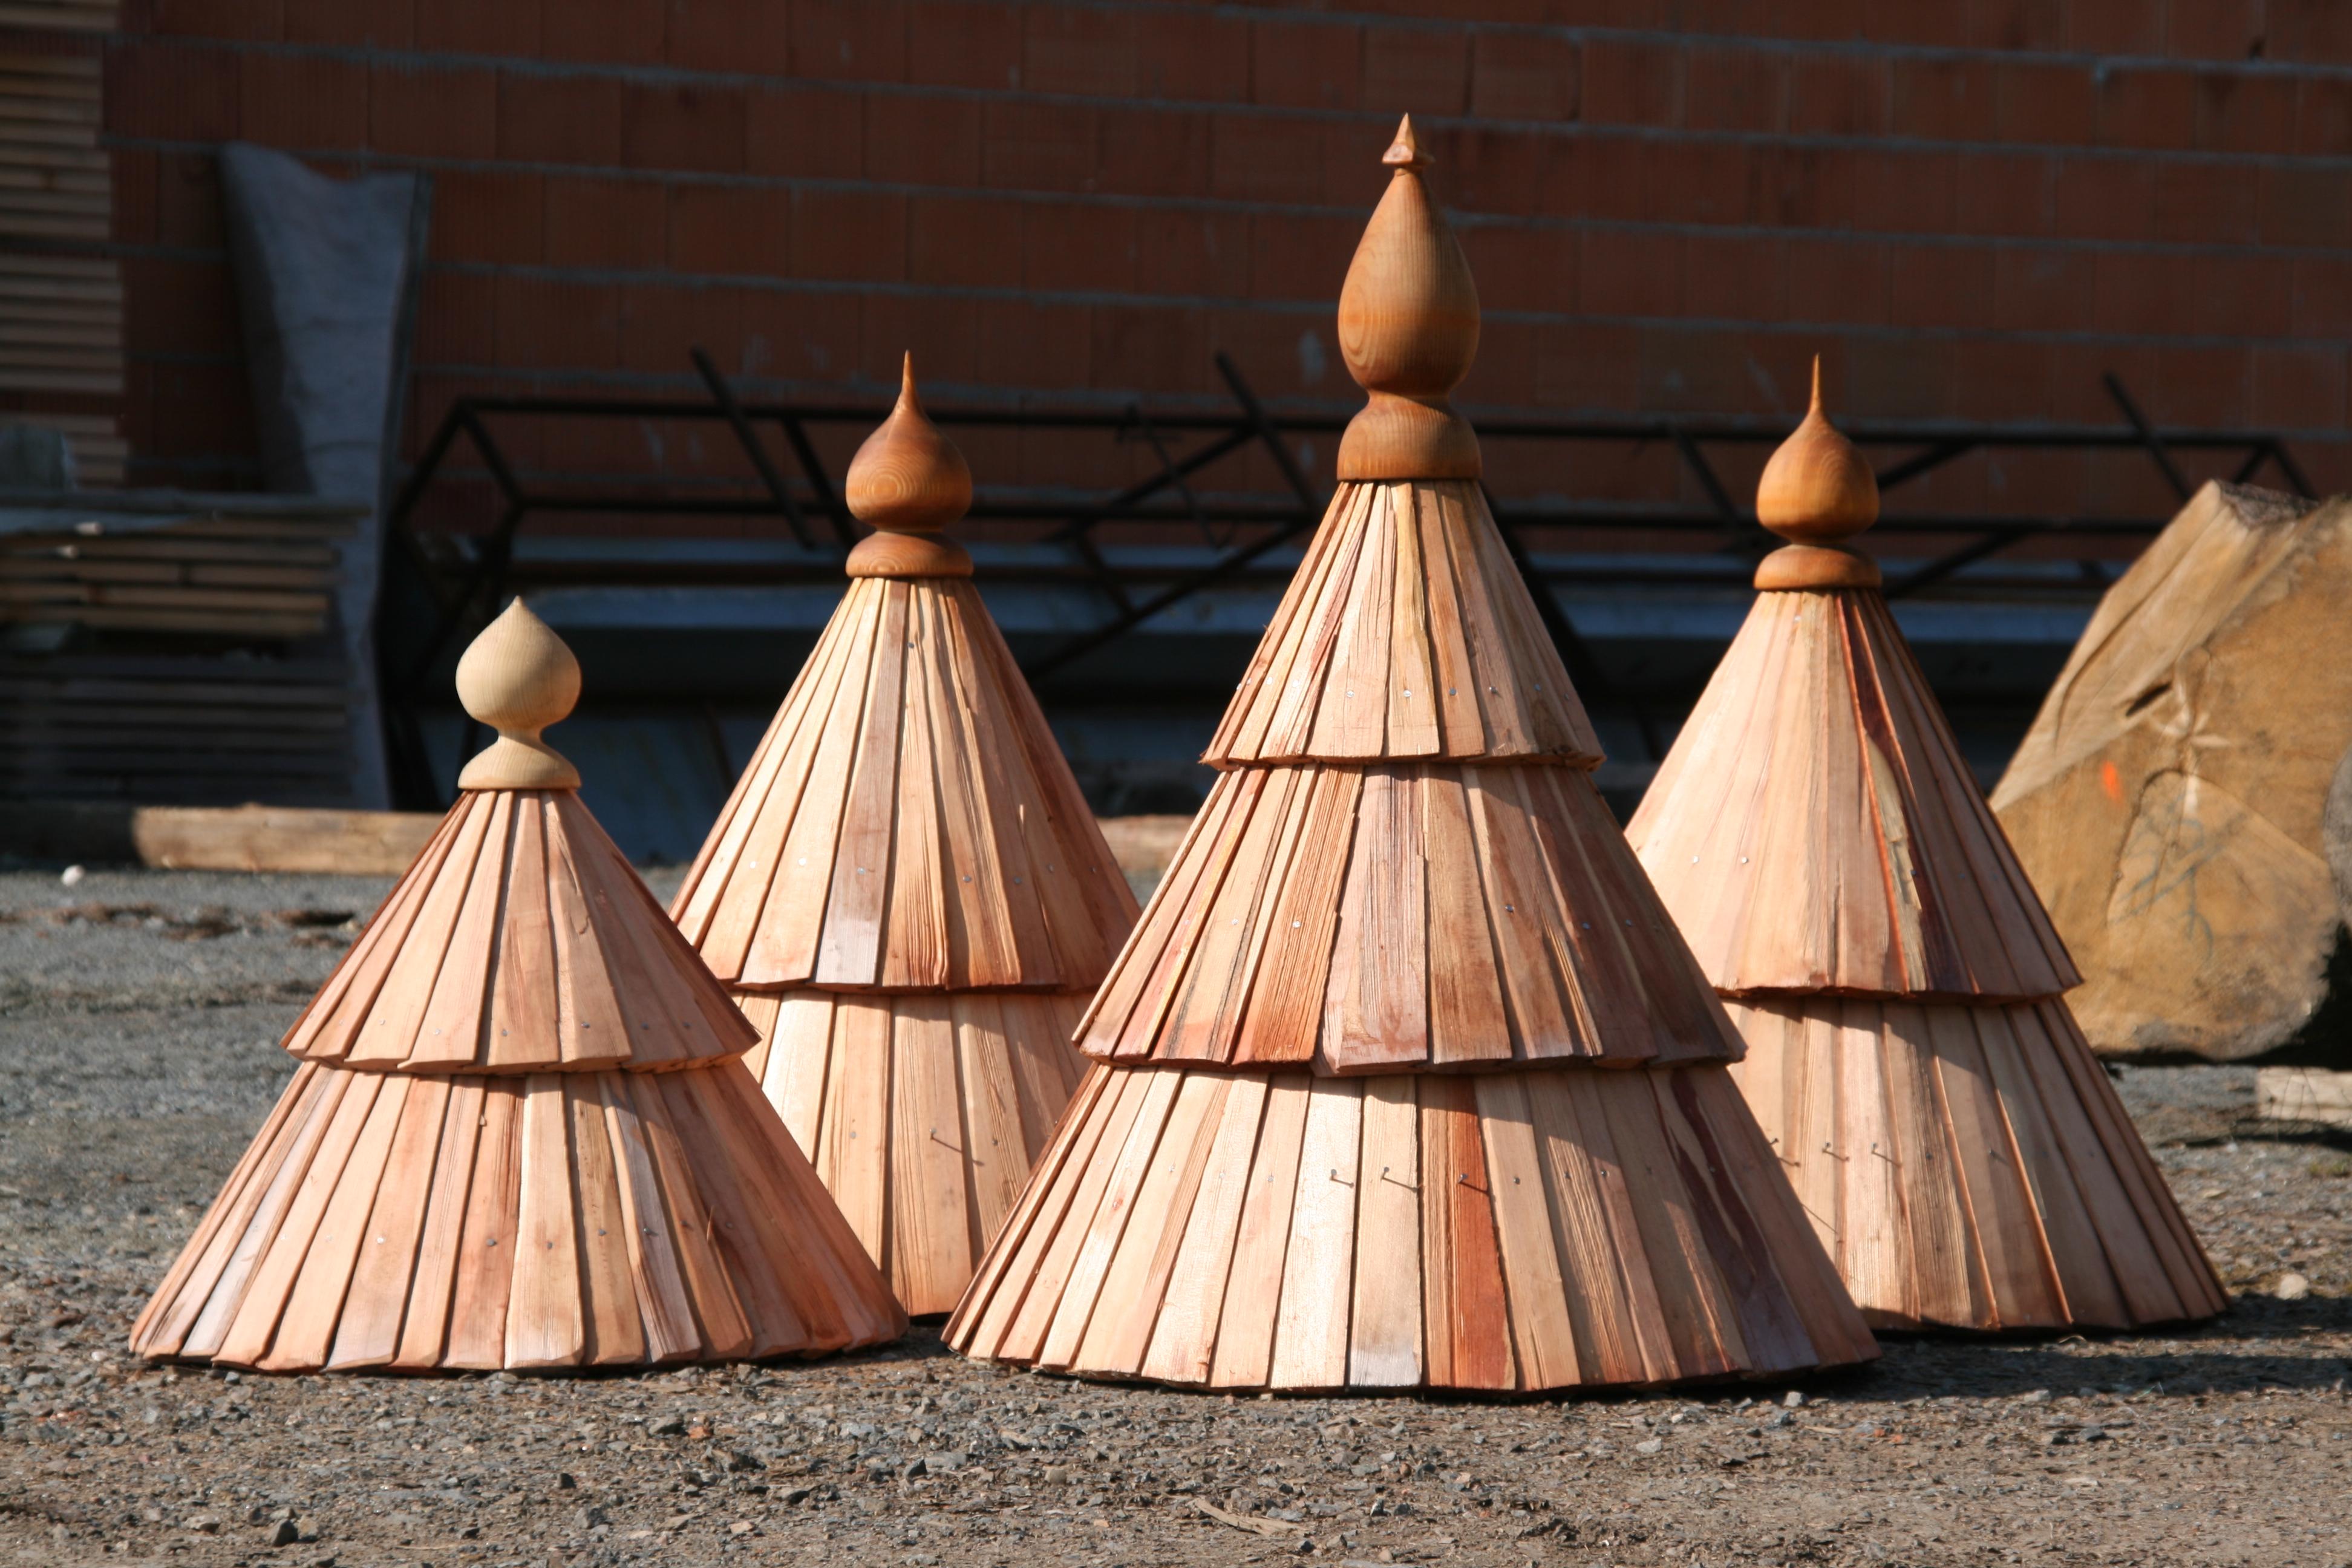 dřevěný štříšky ze šindelu drdlik